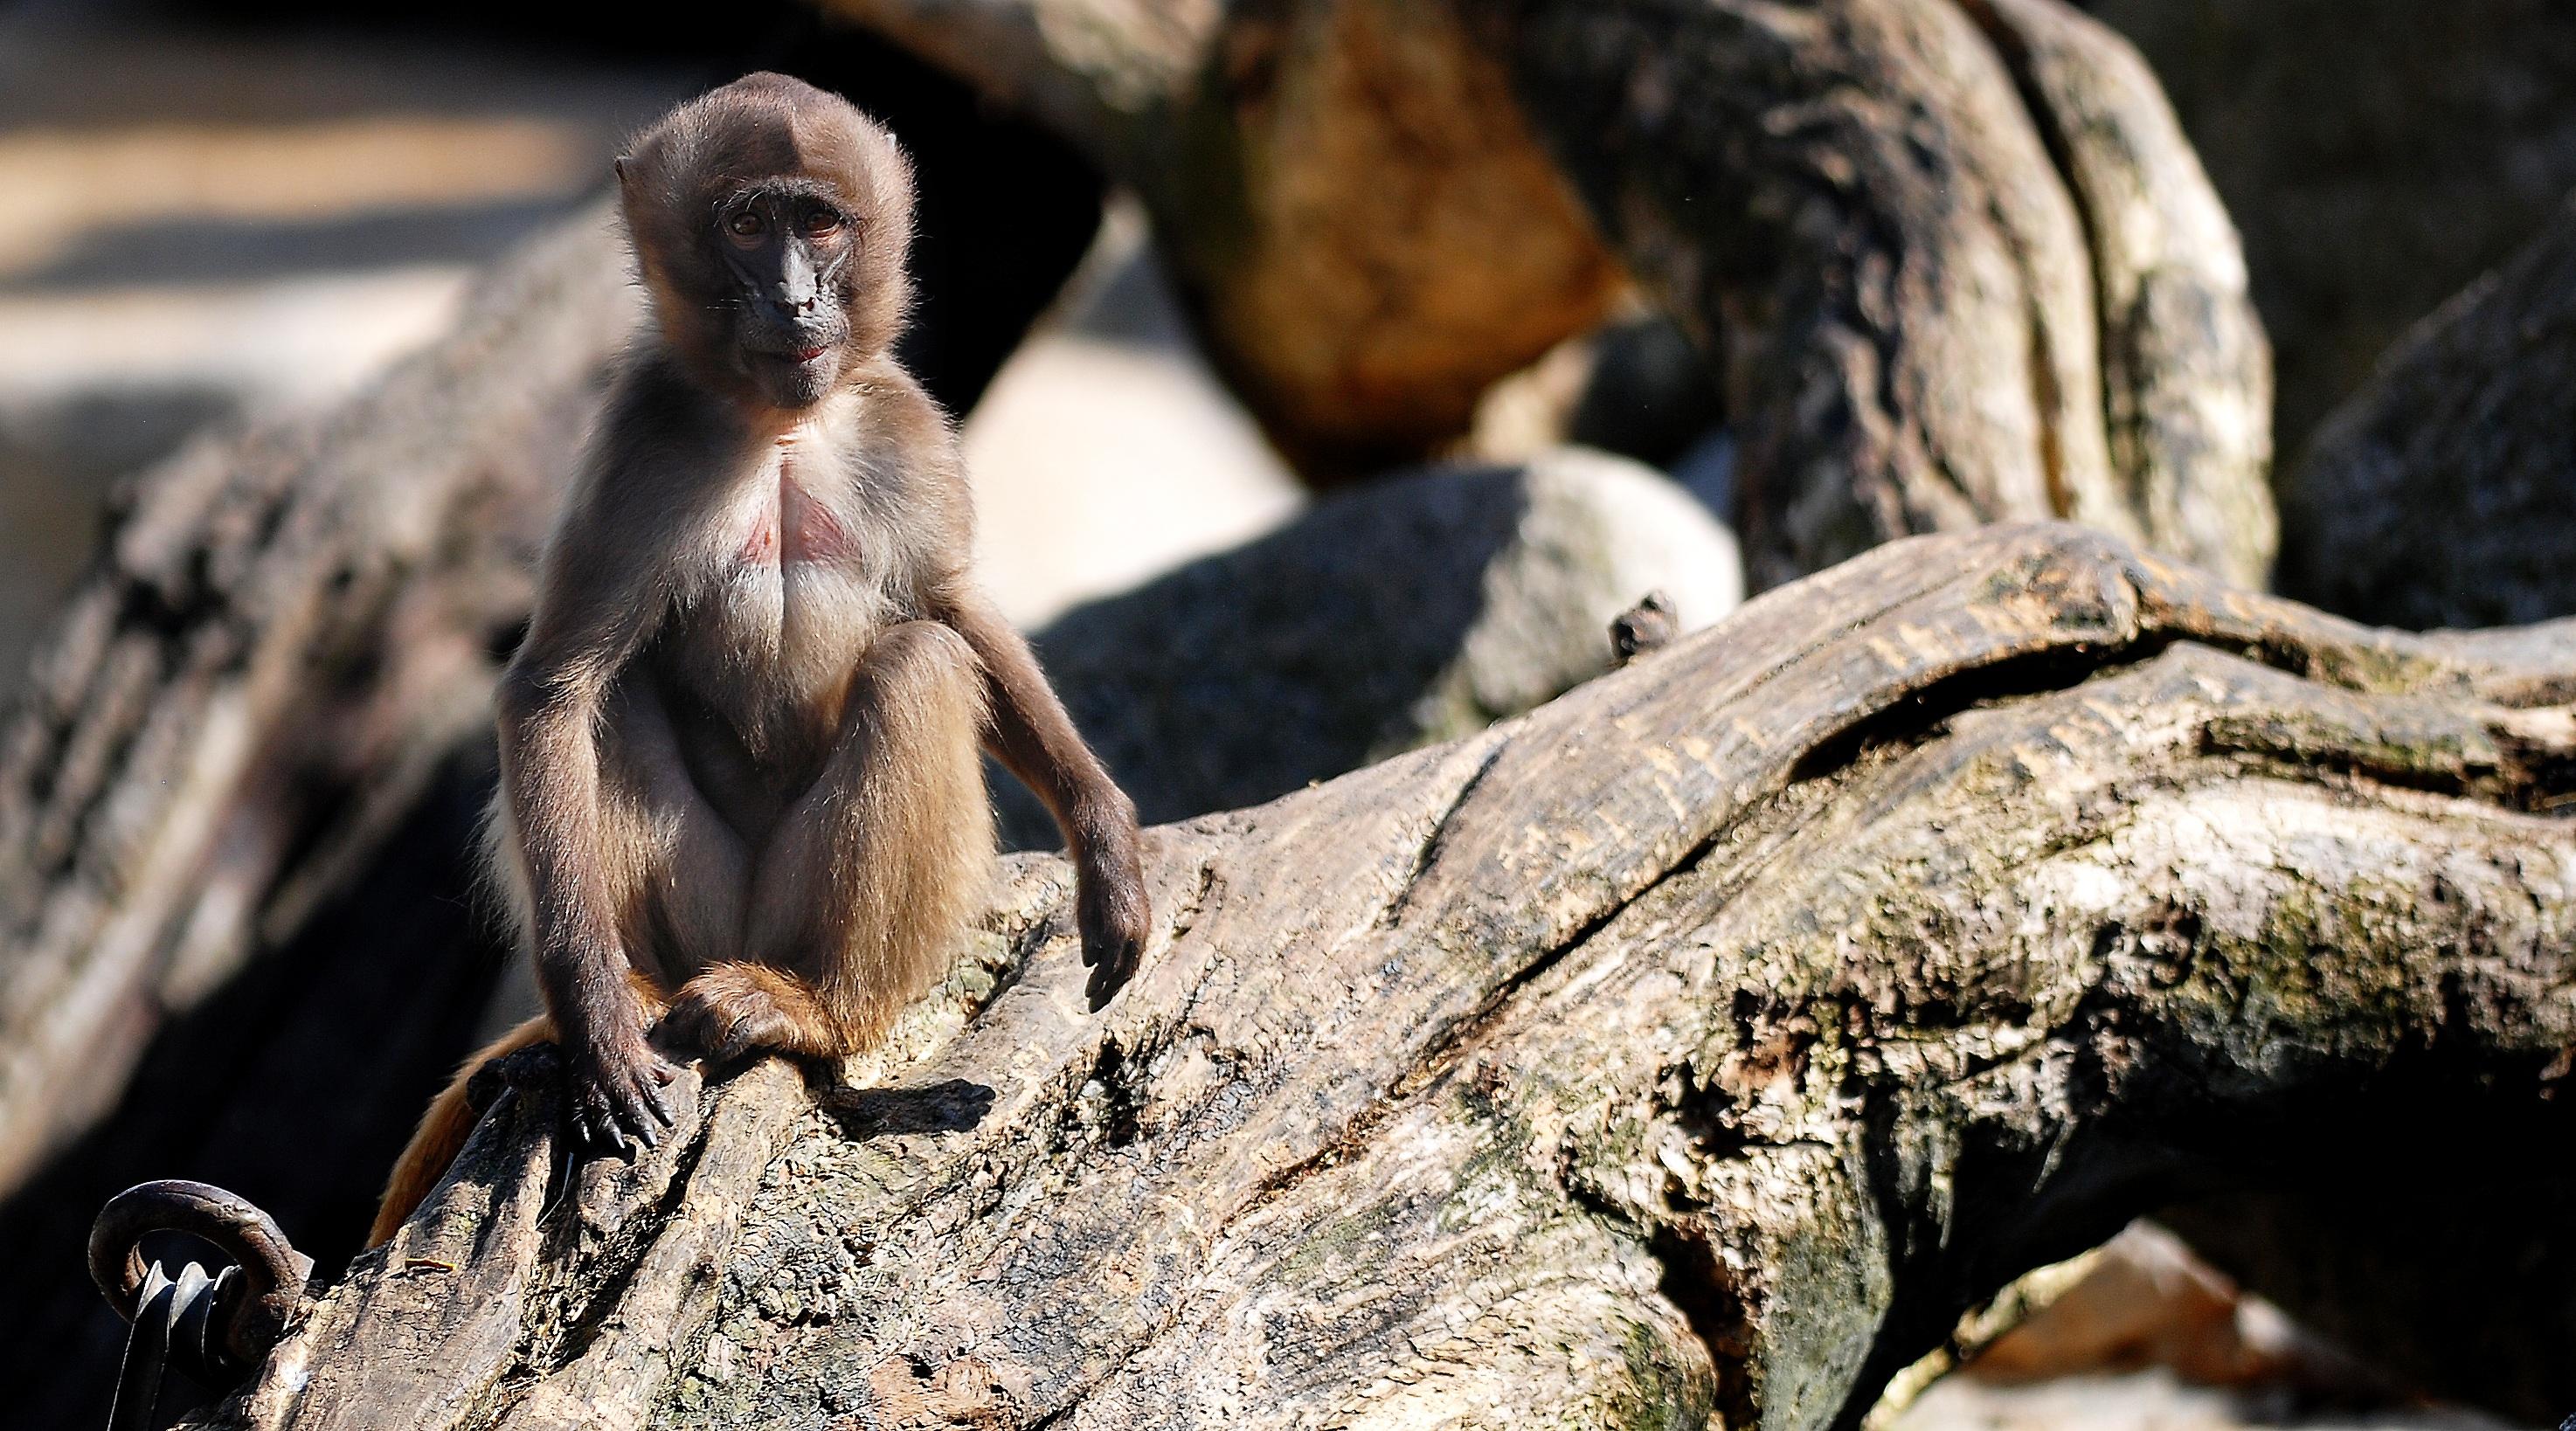 hình ảnh : chi nhánh, thú vật, dễ thương, Động vật hoang dã, hoang dã, vườn bách thú, Động vật có vú, con khỉ, Động vật, Linh trưởng, buồn cười, Đáng yêu, ...